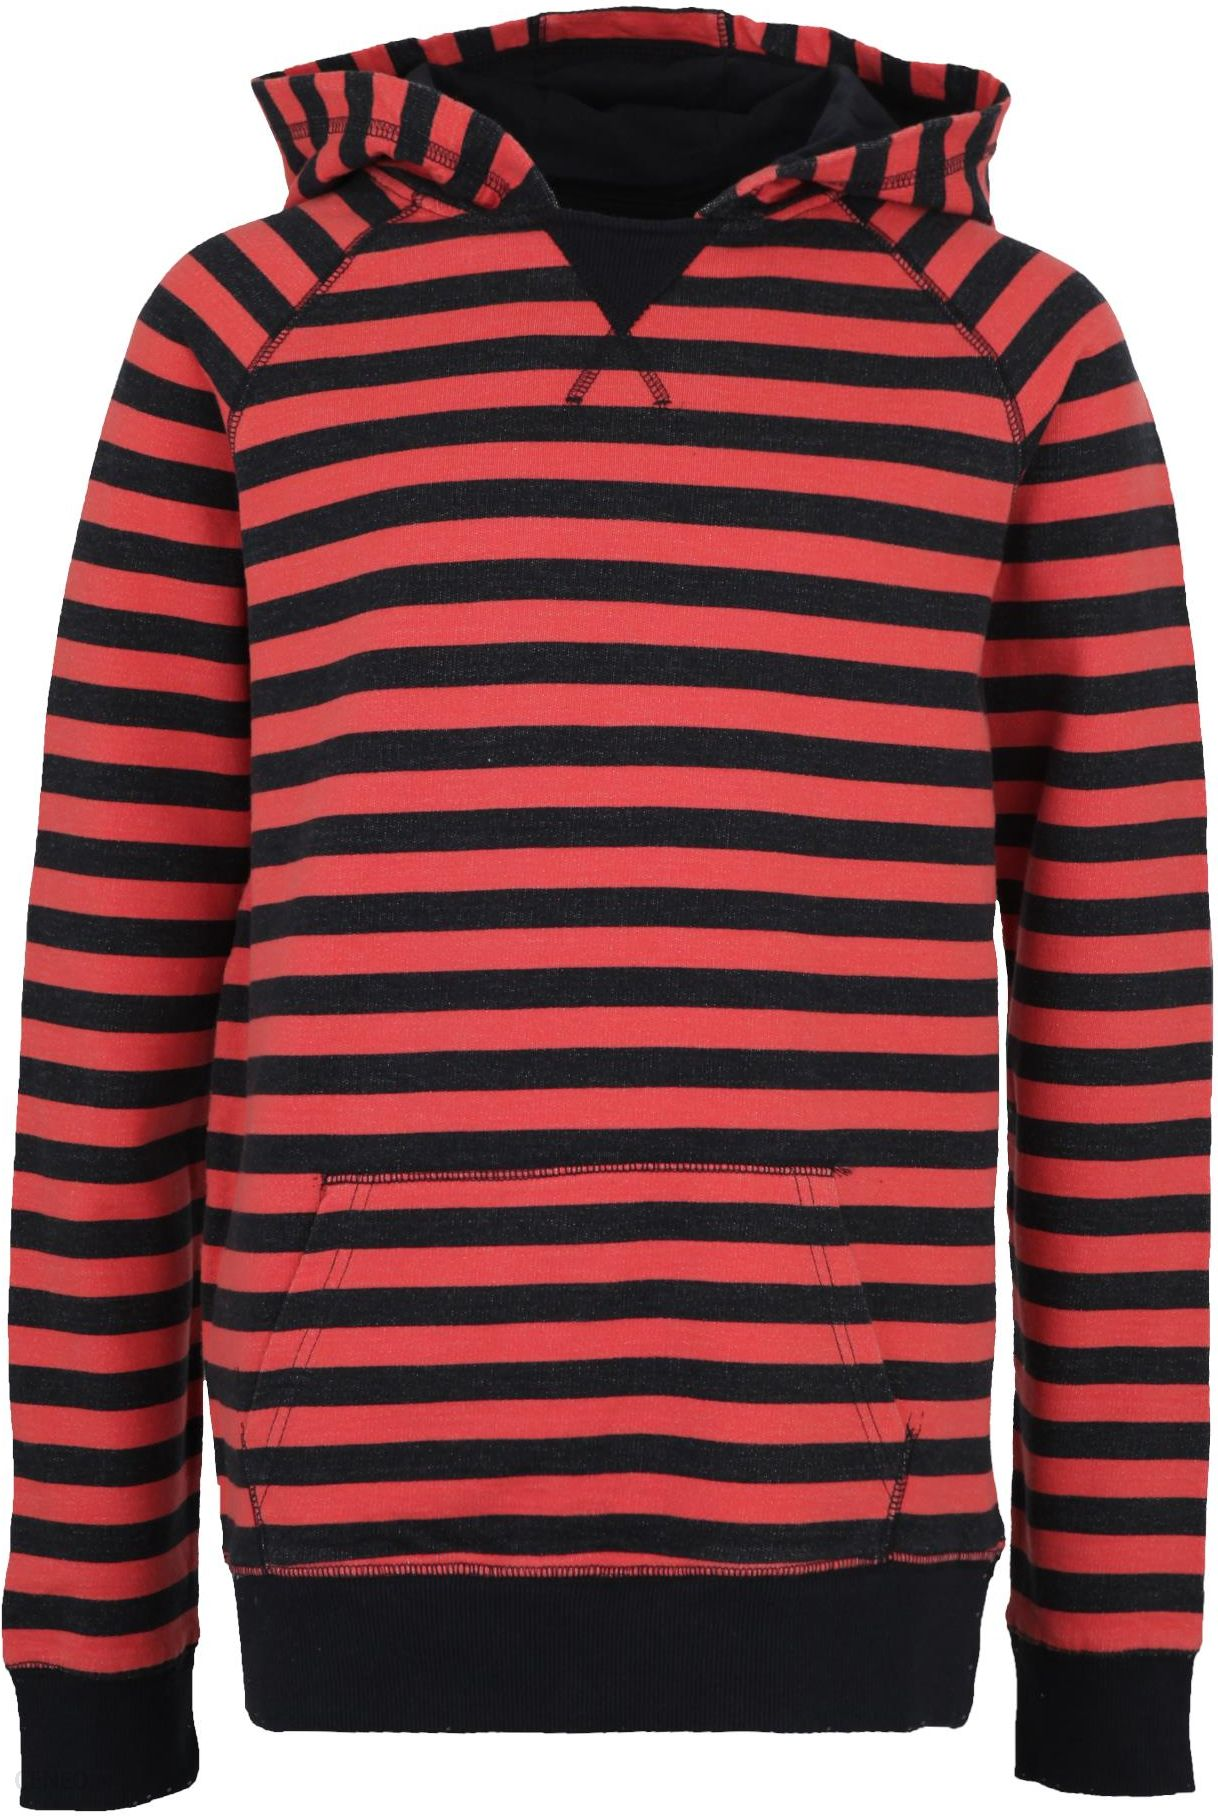 Bluza z kapturem adidas Trefoil CD6501 Ceny i opinie